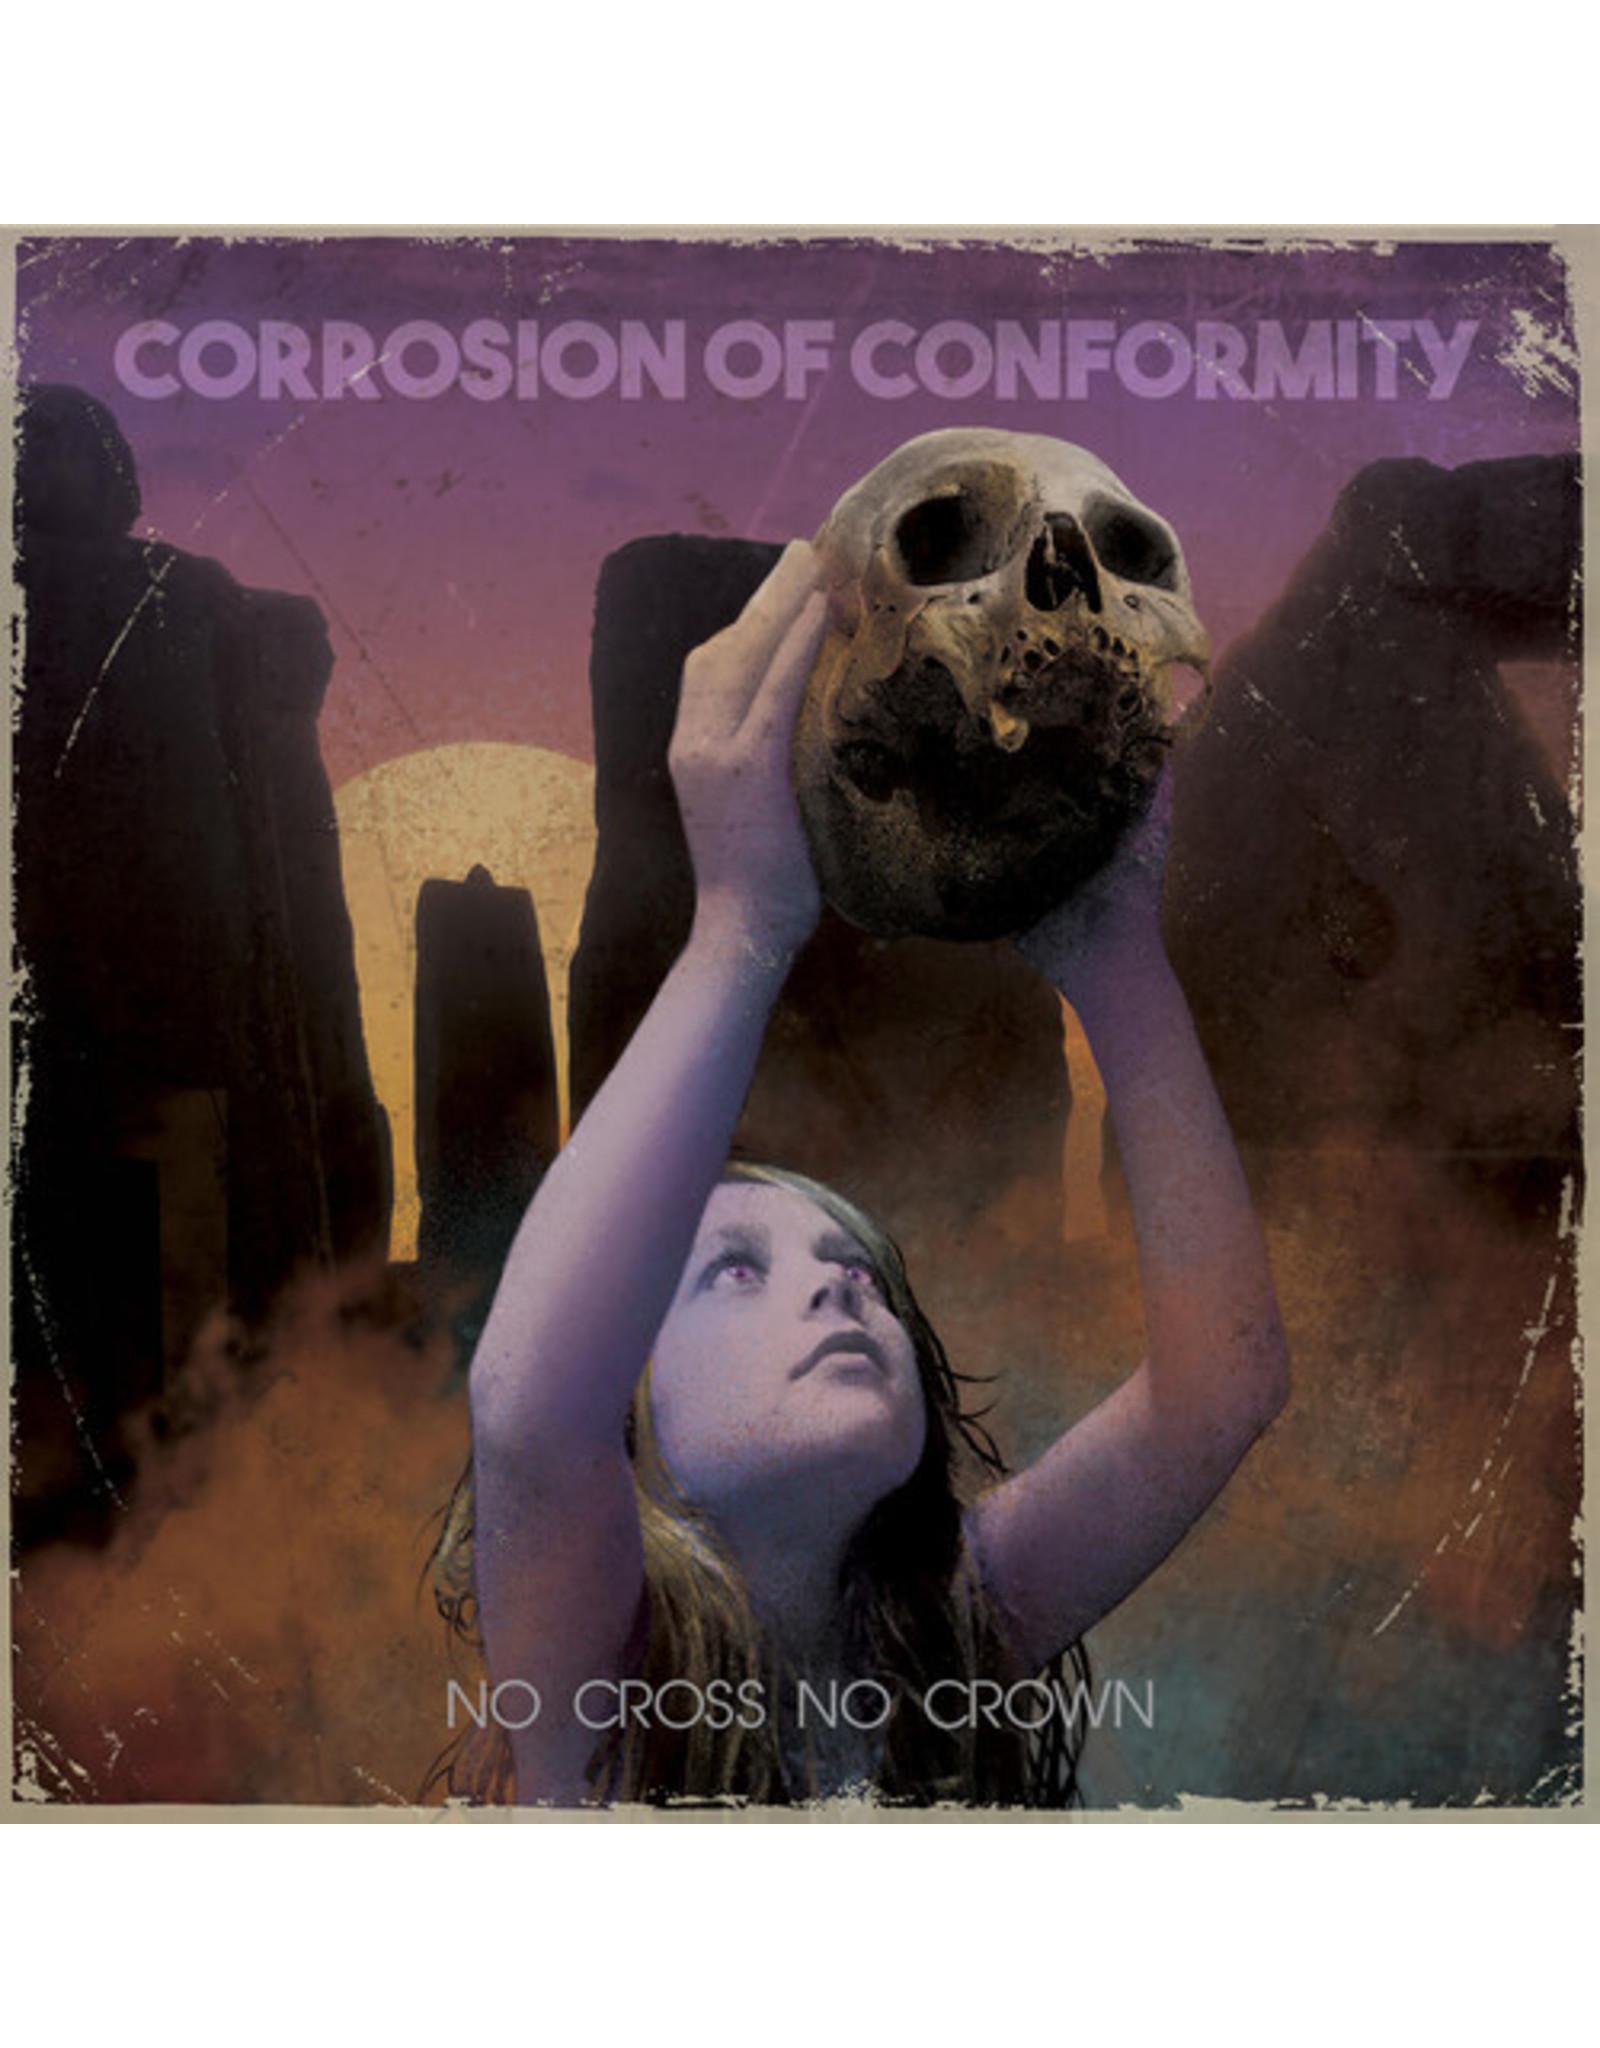 New Vinyl Corrosion Of Conformity - No Cross No Crown (Colored) 2LP